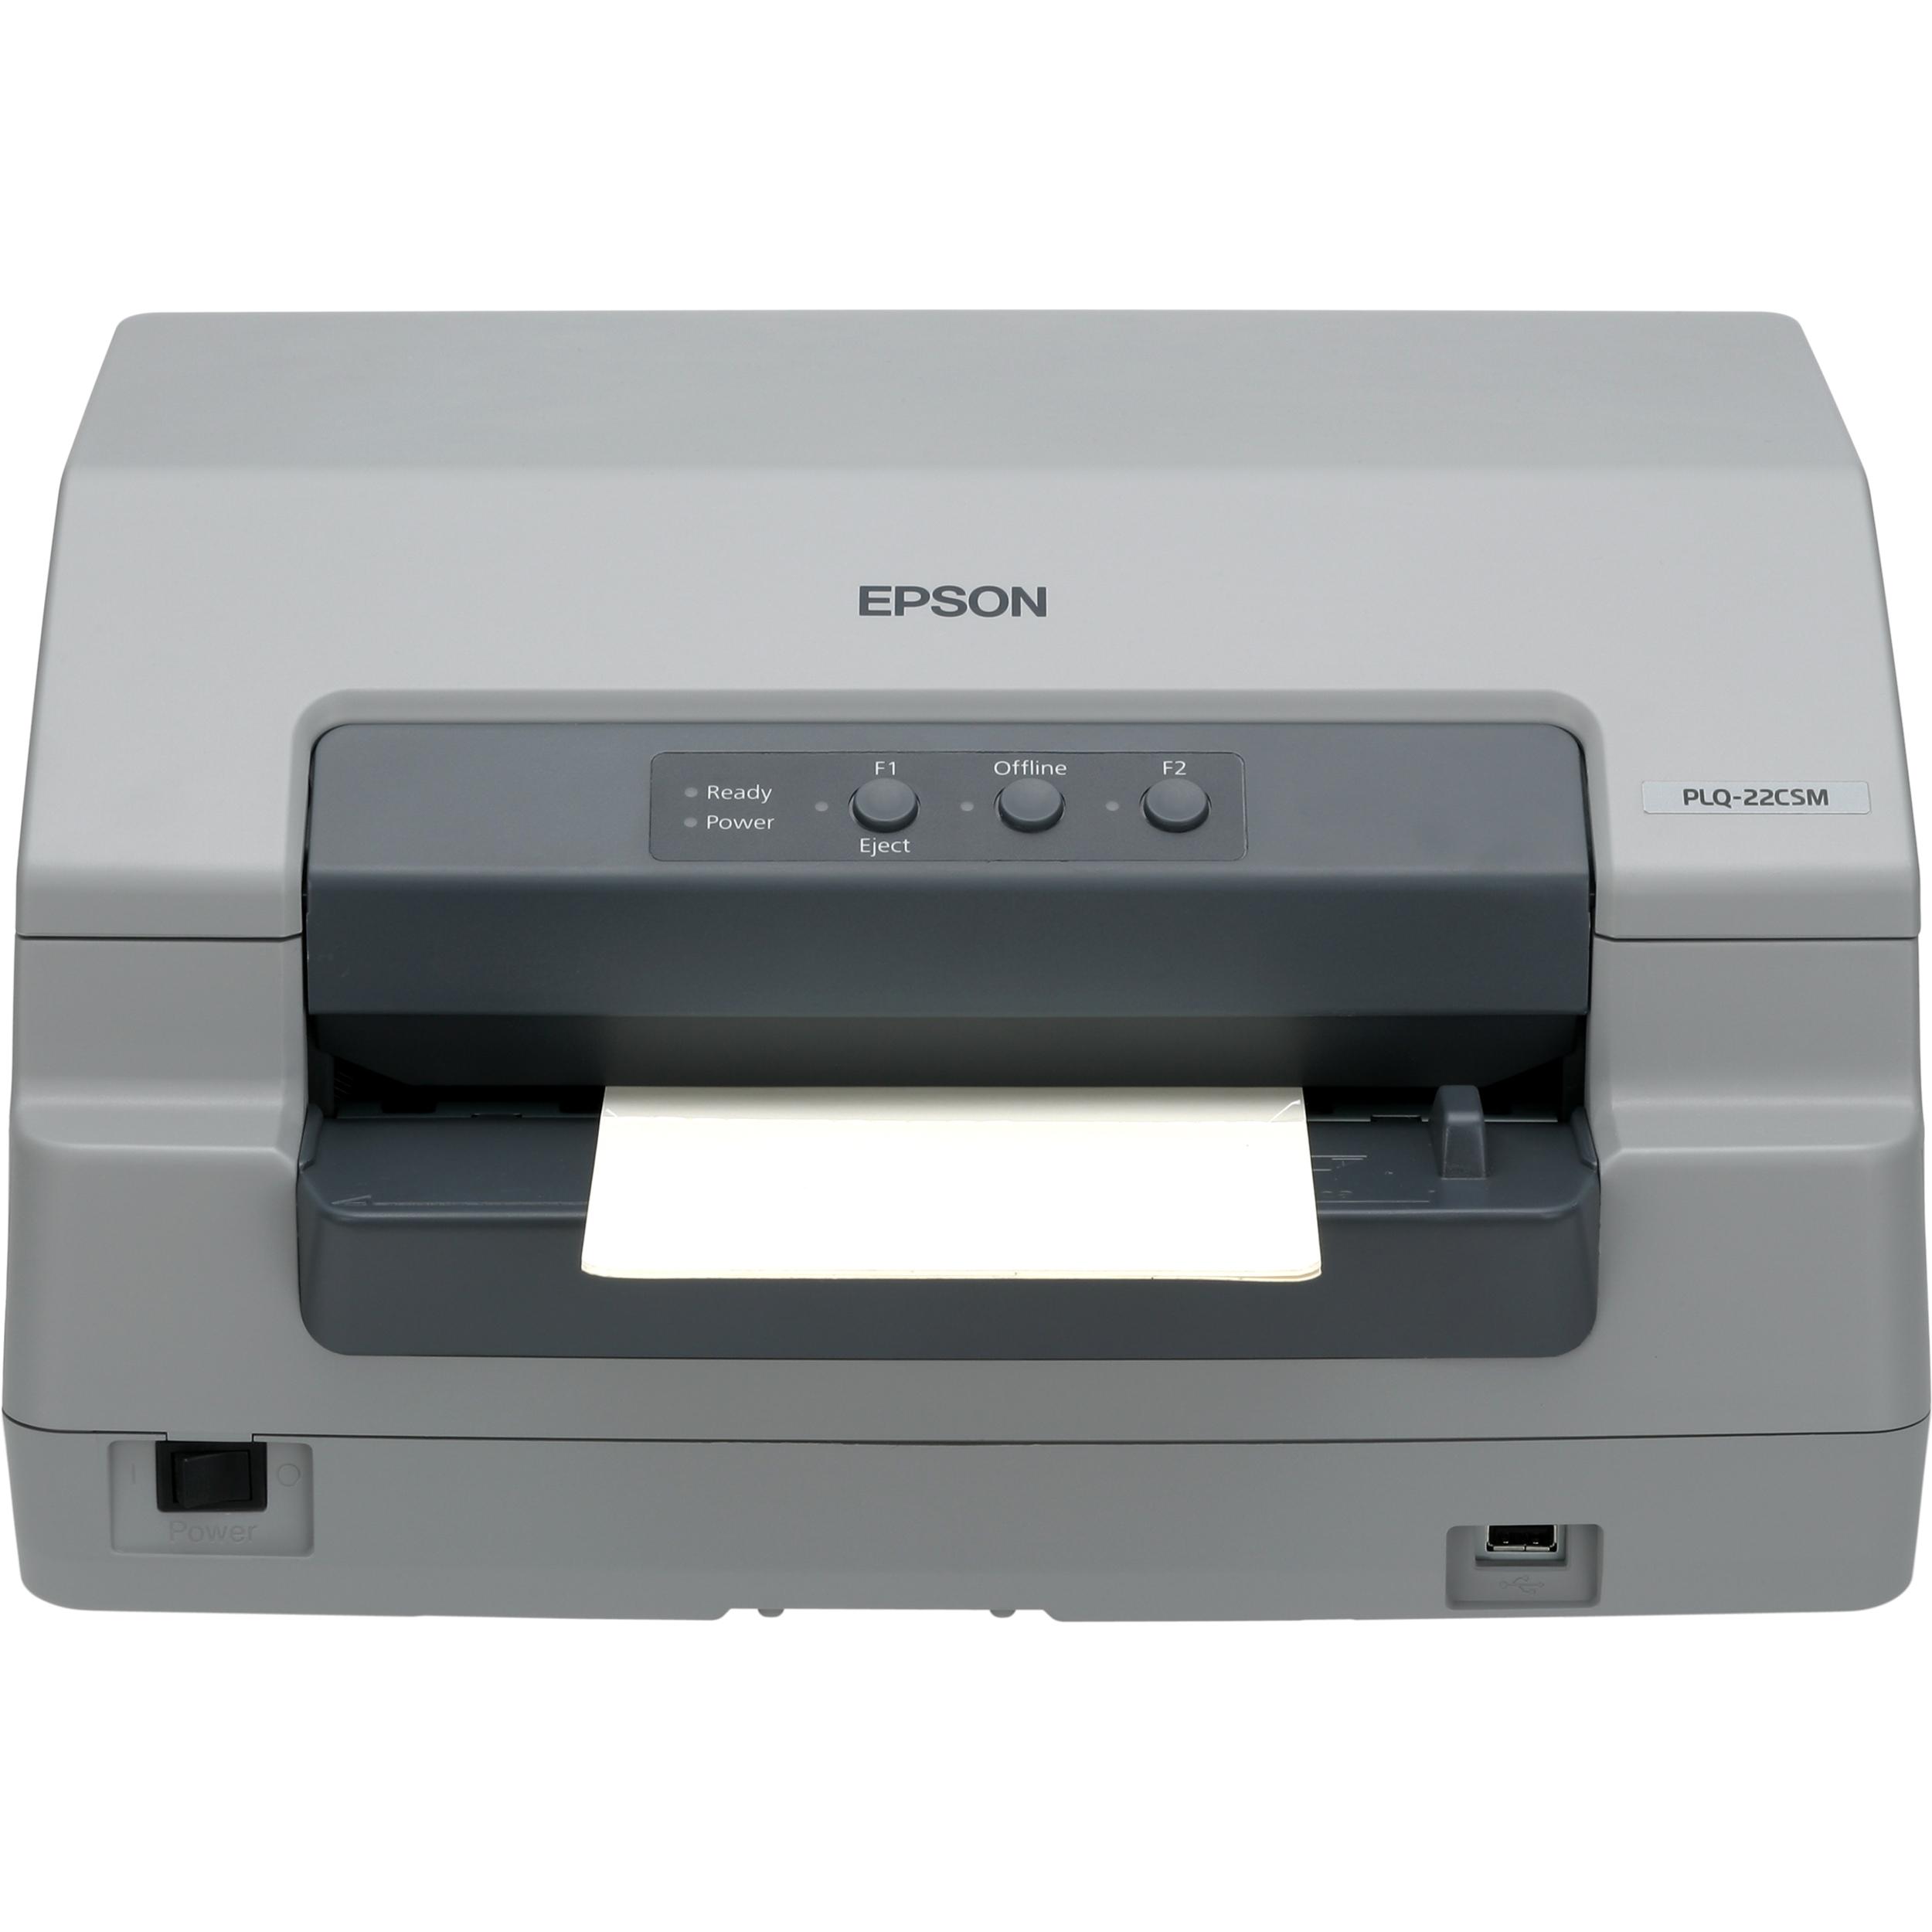 Epson PLQ-22 CS Dot Matrix Printer - Monochrome